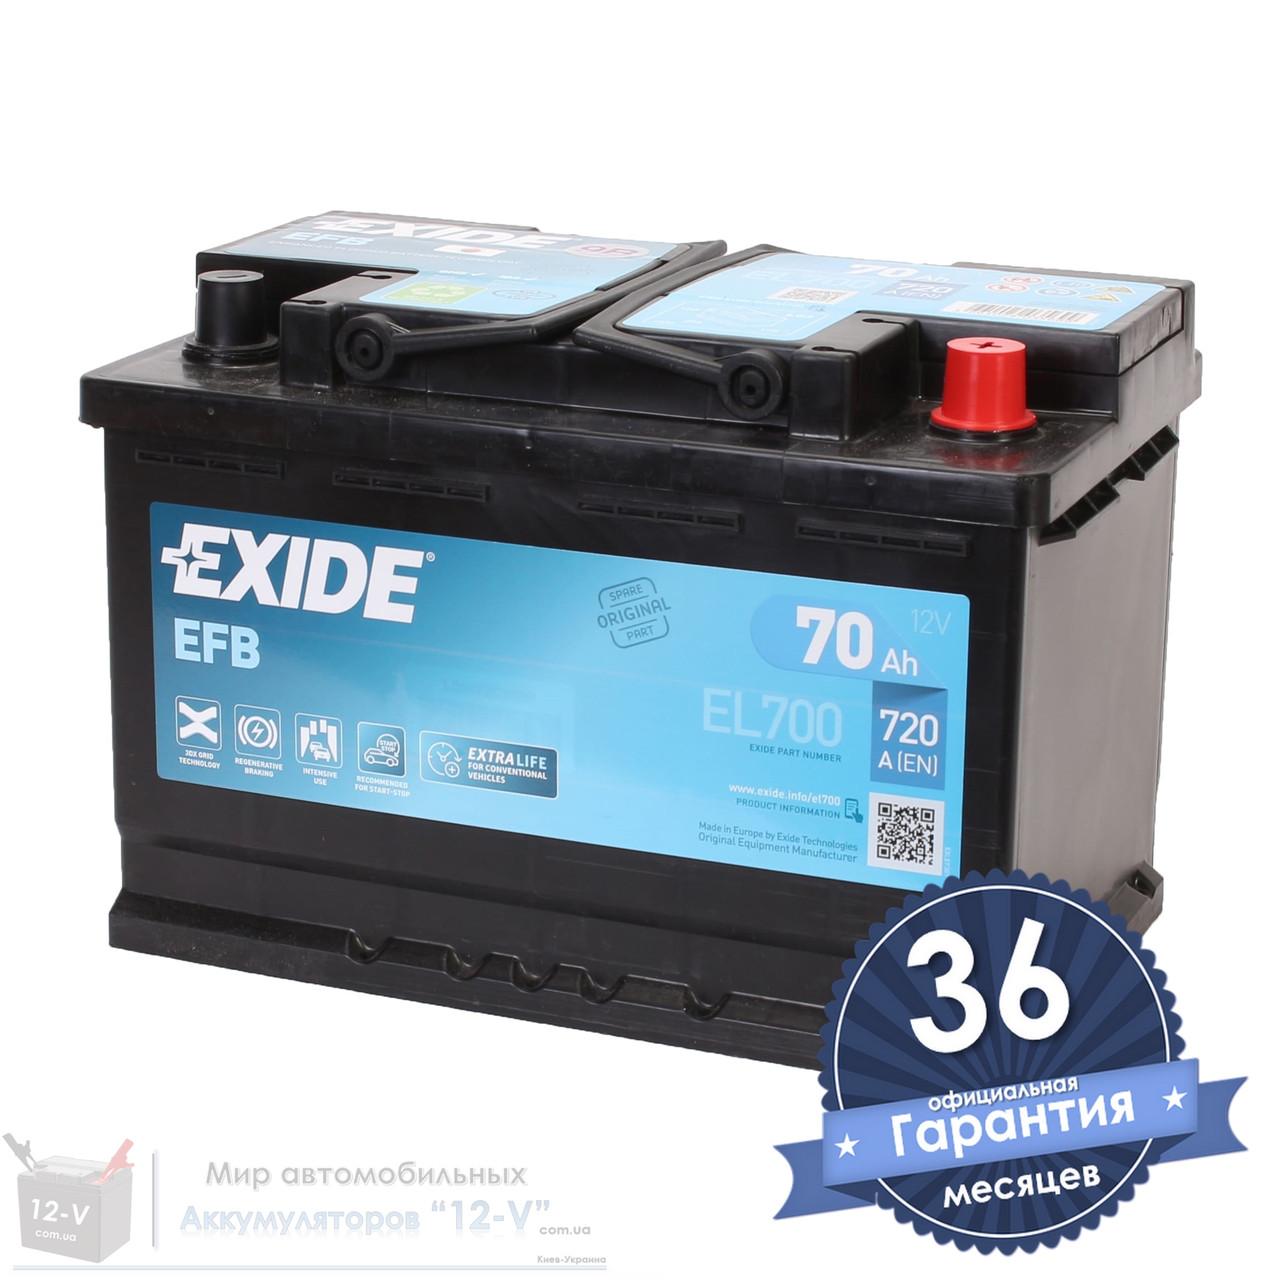 Аккумулятор автомобильный EXIDE EFB 6CT 70Ah, пусковой ток 720А [–|+] (EL700)